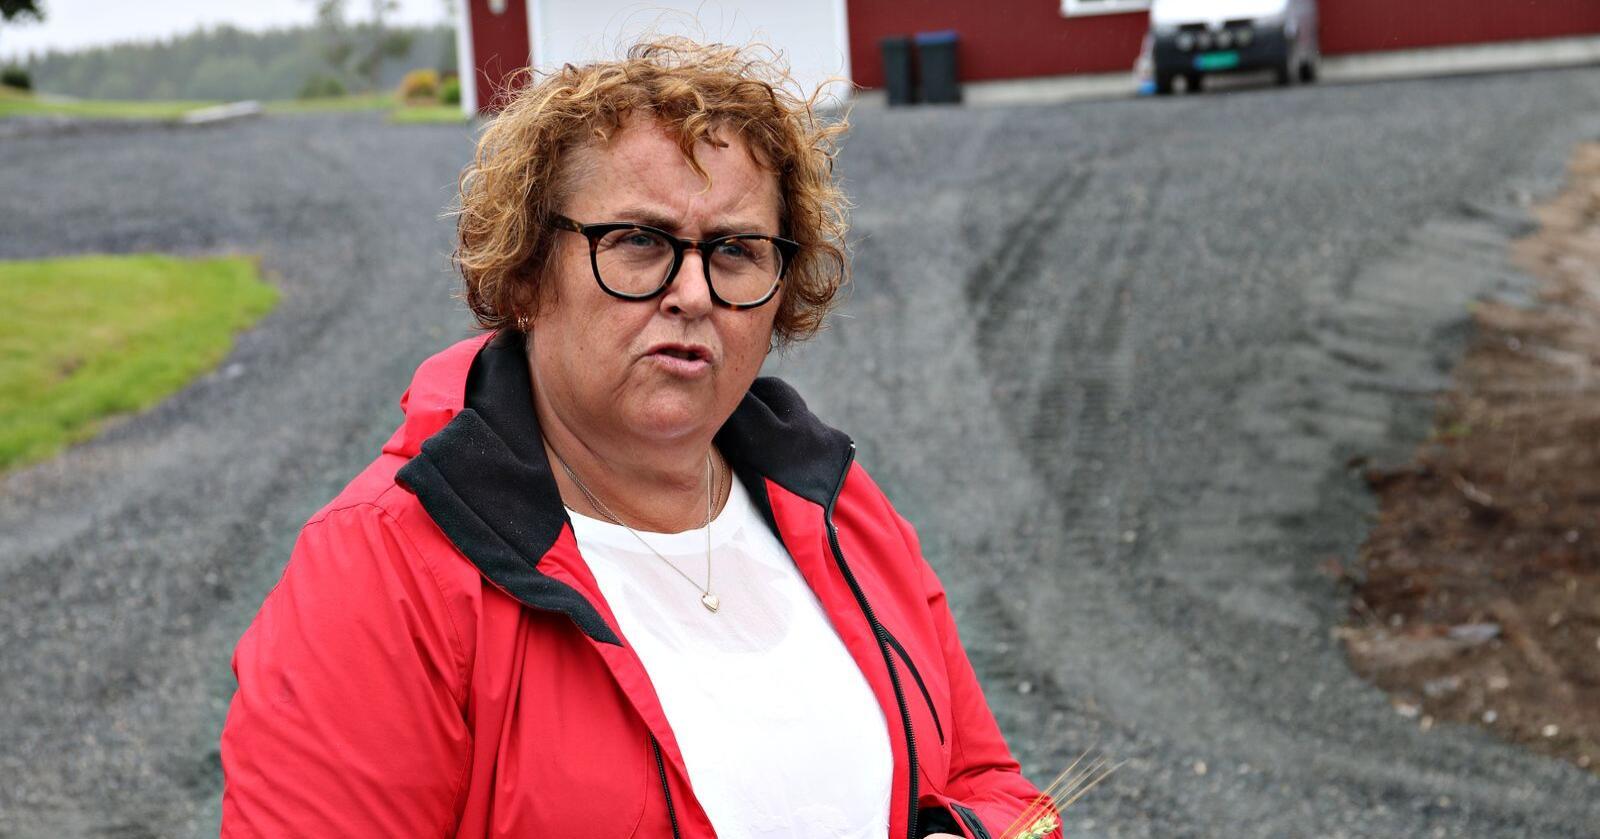 Eg har sagt fleire gonger at for meg er dyrka jorda nærast heilag grunn, skriv landbruks- og matminister Olaug Bollestad. (Foto: Lars Olav Haug)